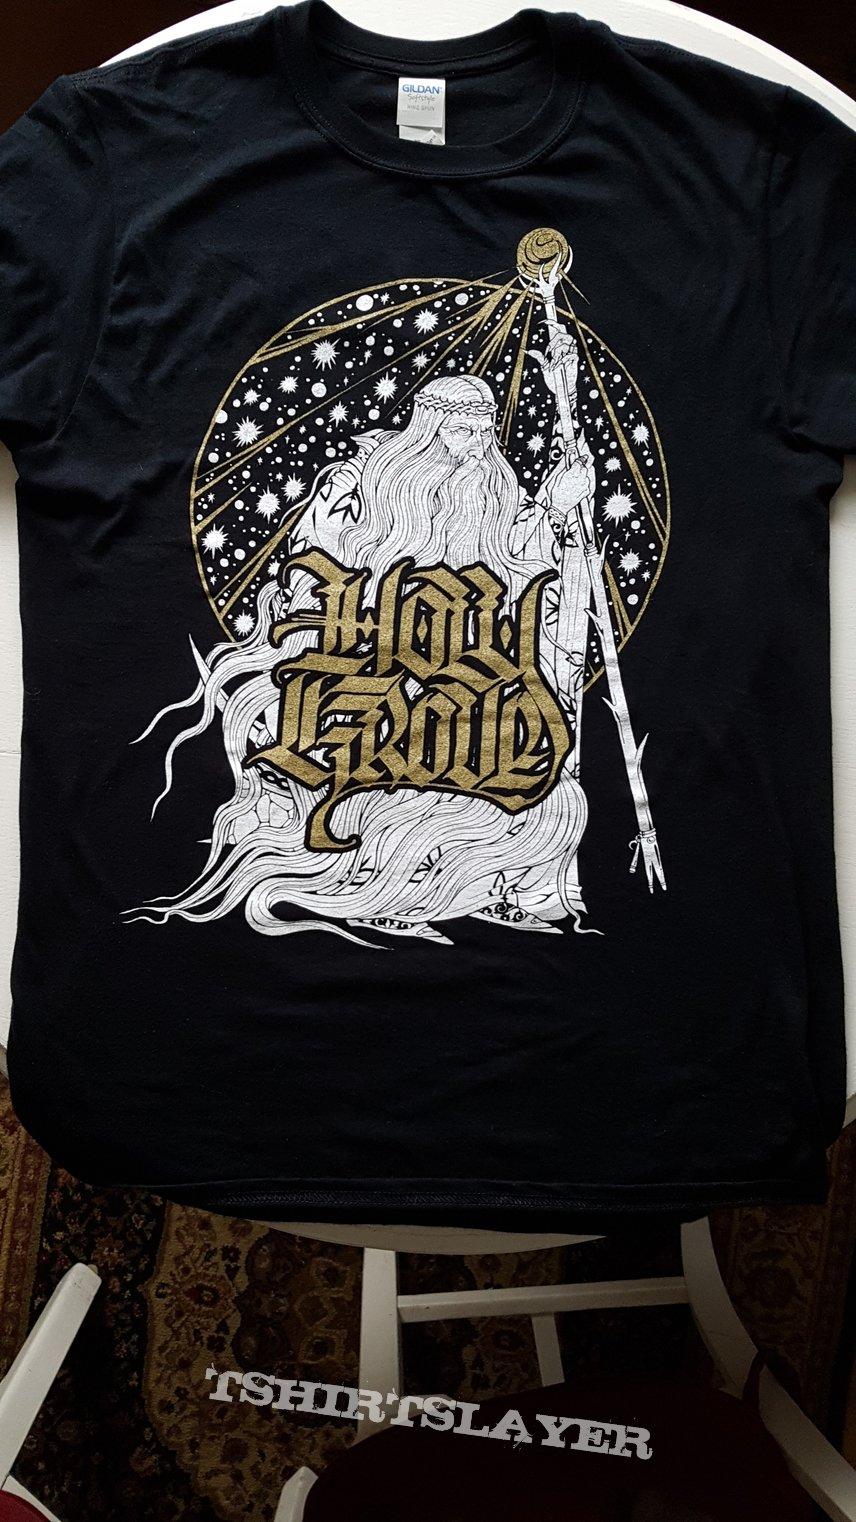 Holy Grove - 2019 tour shirt